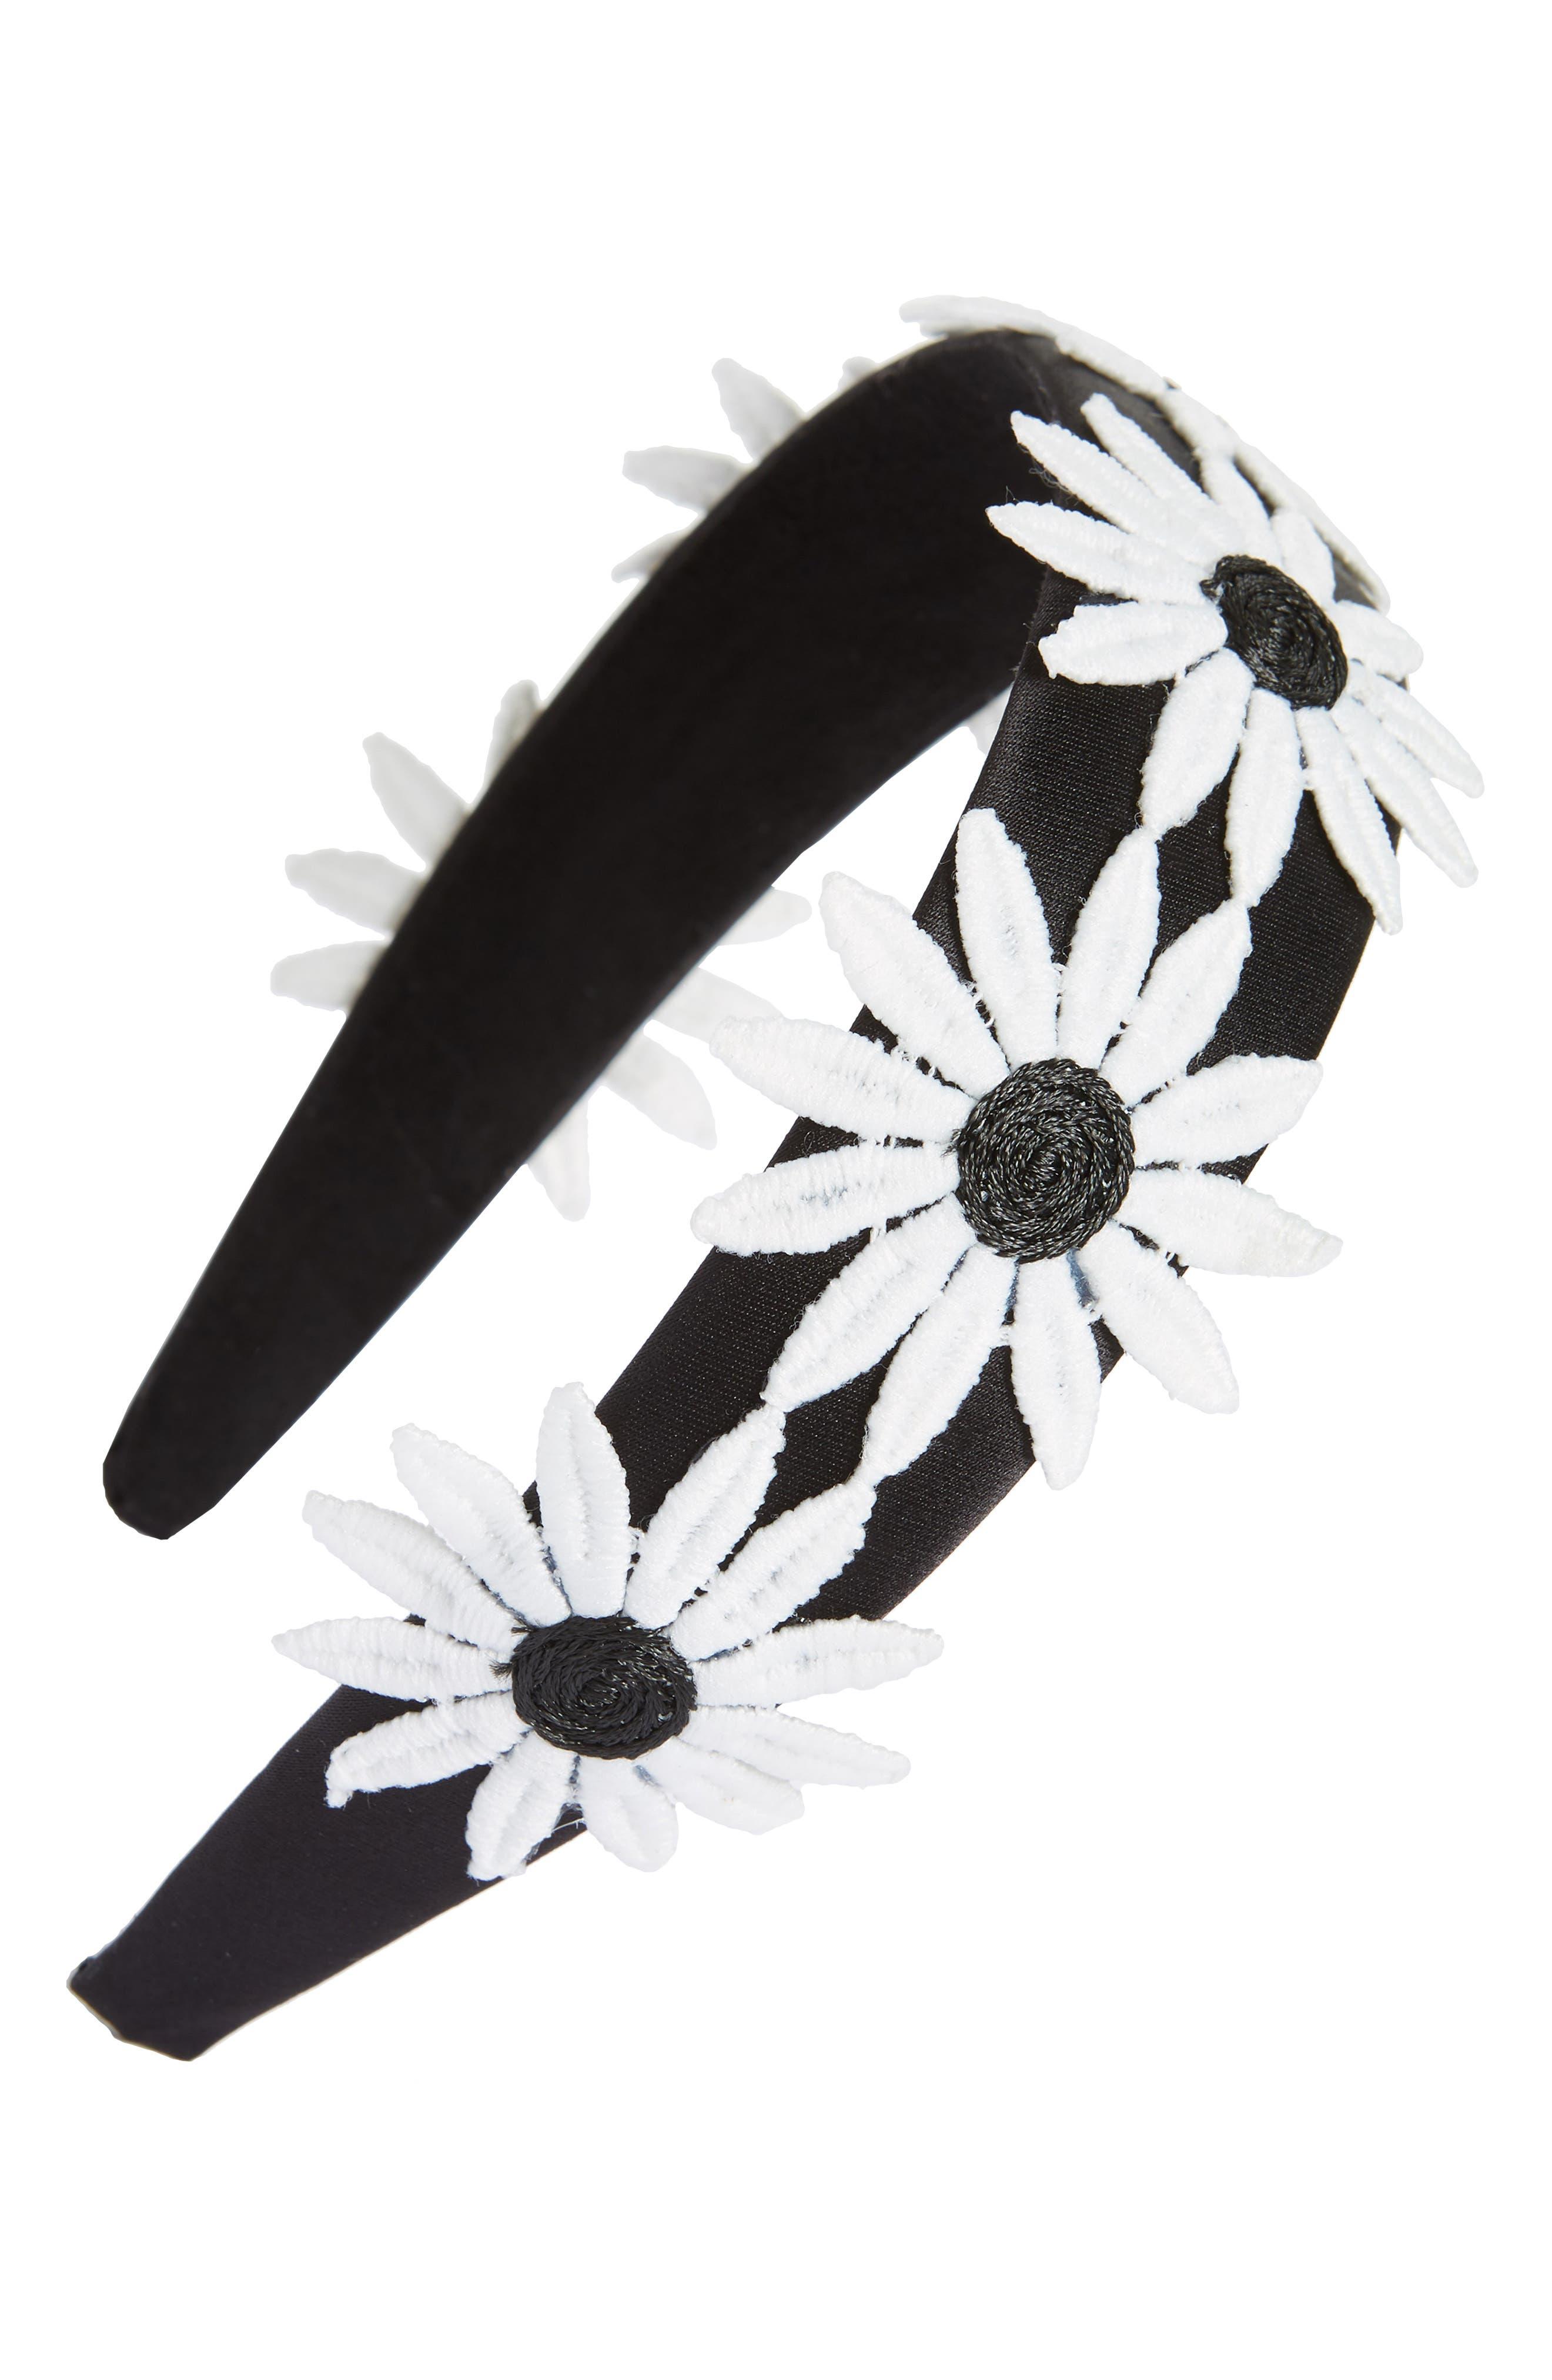 Big Daisy Headband,                             Main thumbnail 1, color,                             Black/ White